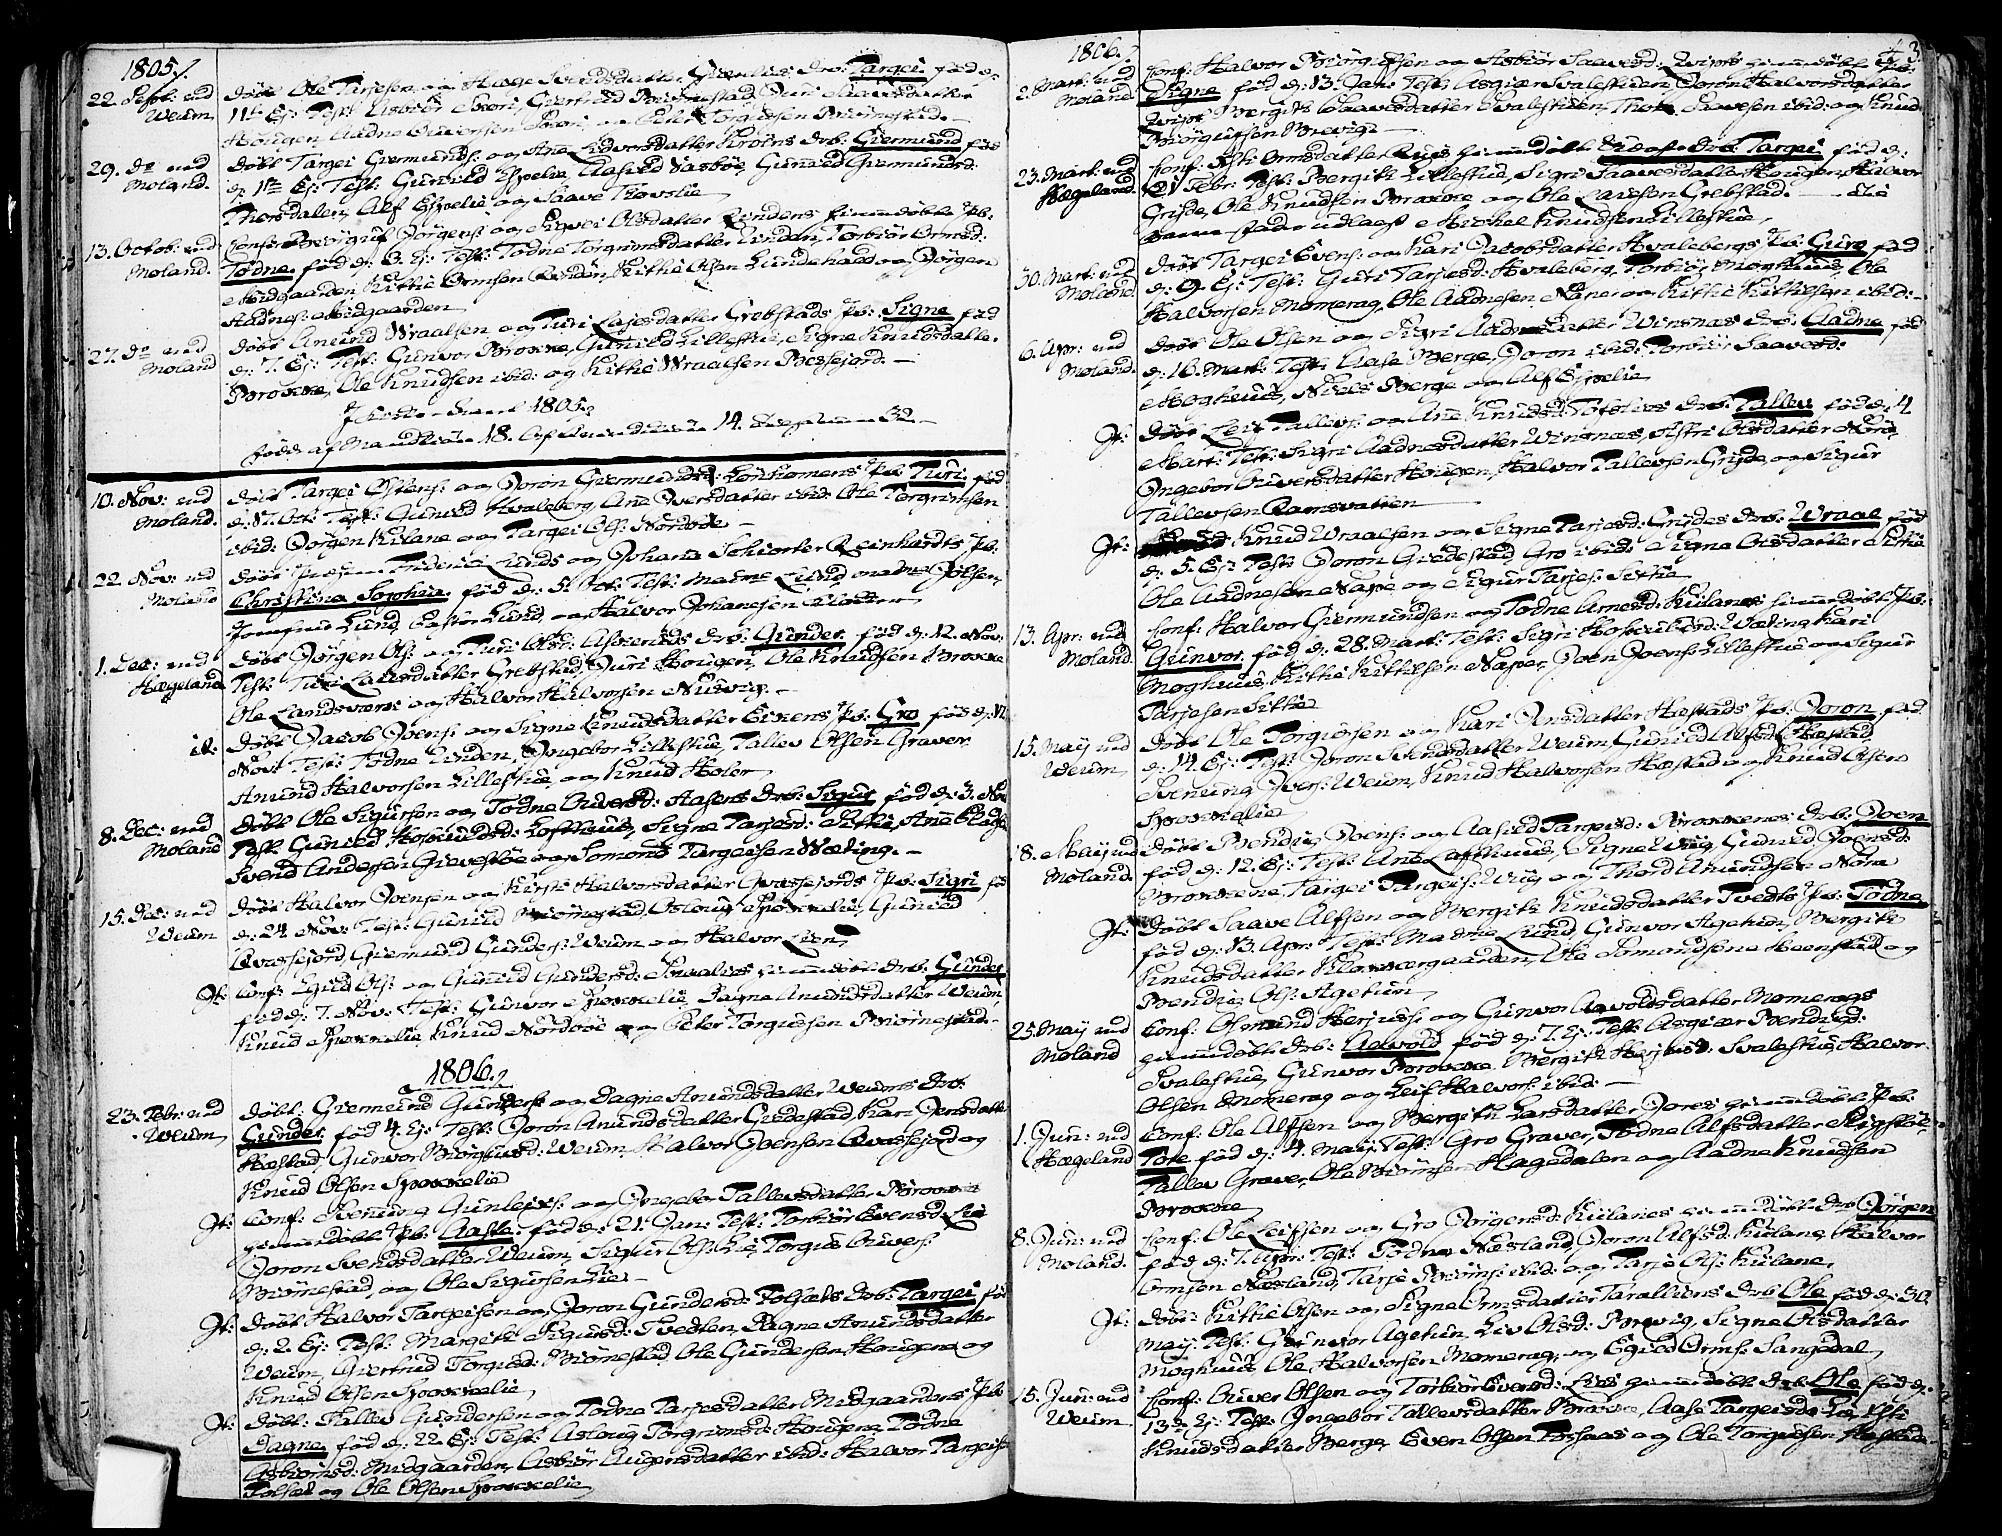 SAKO, Fyresdal kirkebøker, F/Fa/L0002: Ministerialbok nr. I 2, 1769-1814, s. 43